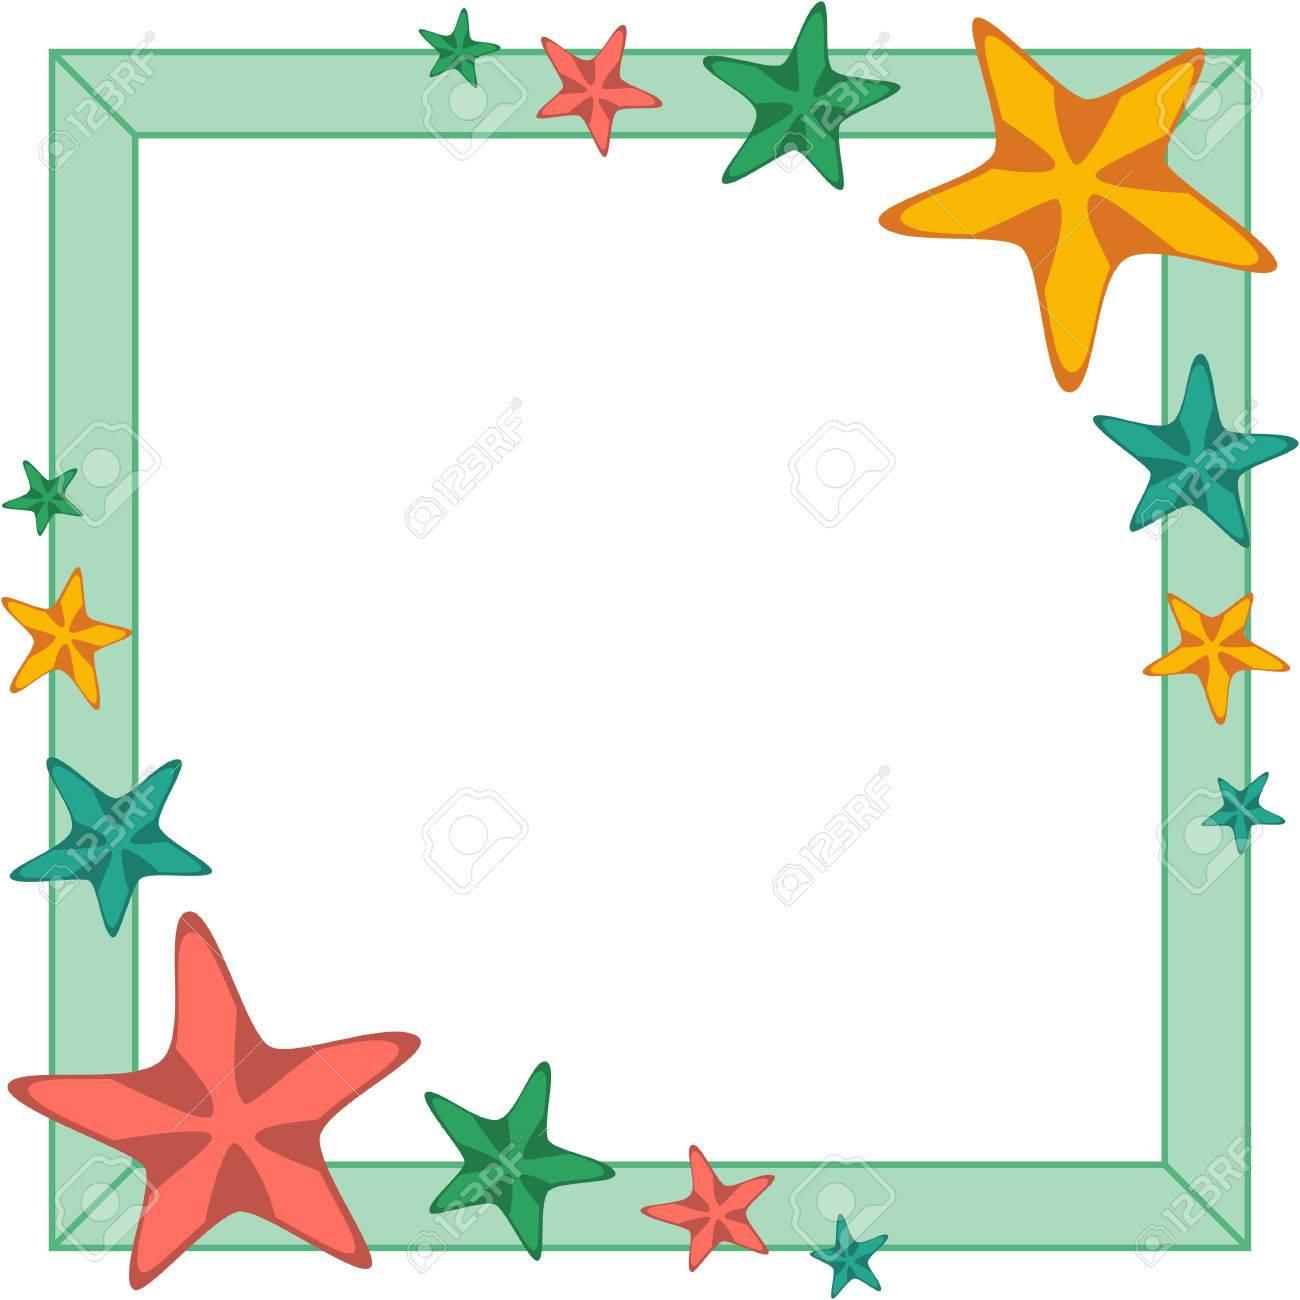 Marco Decorativo Con Las Estrellas De Mar De Dibujos Animados De ...